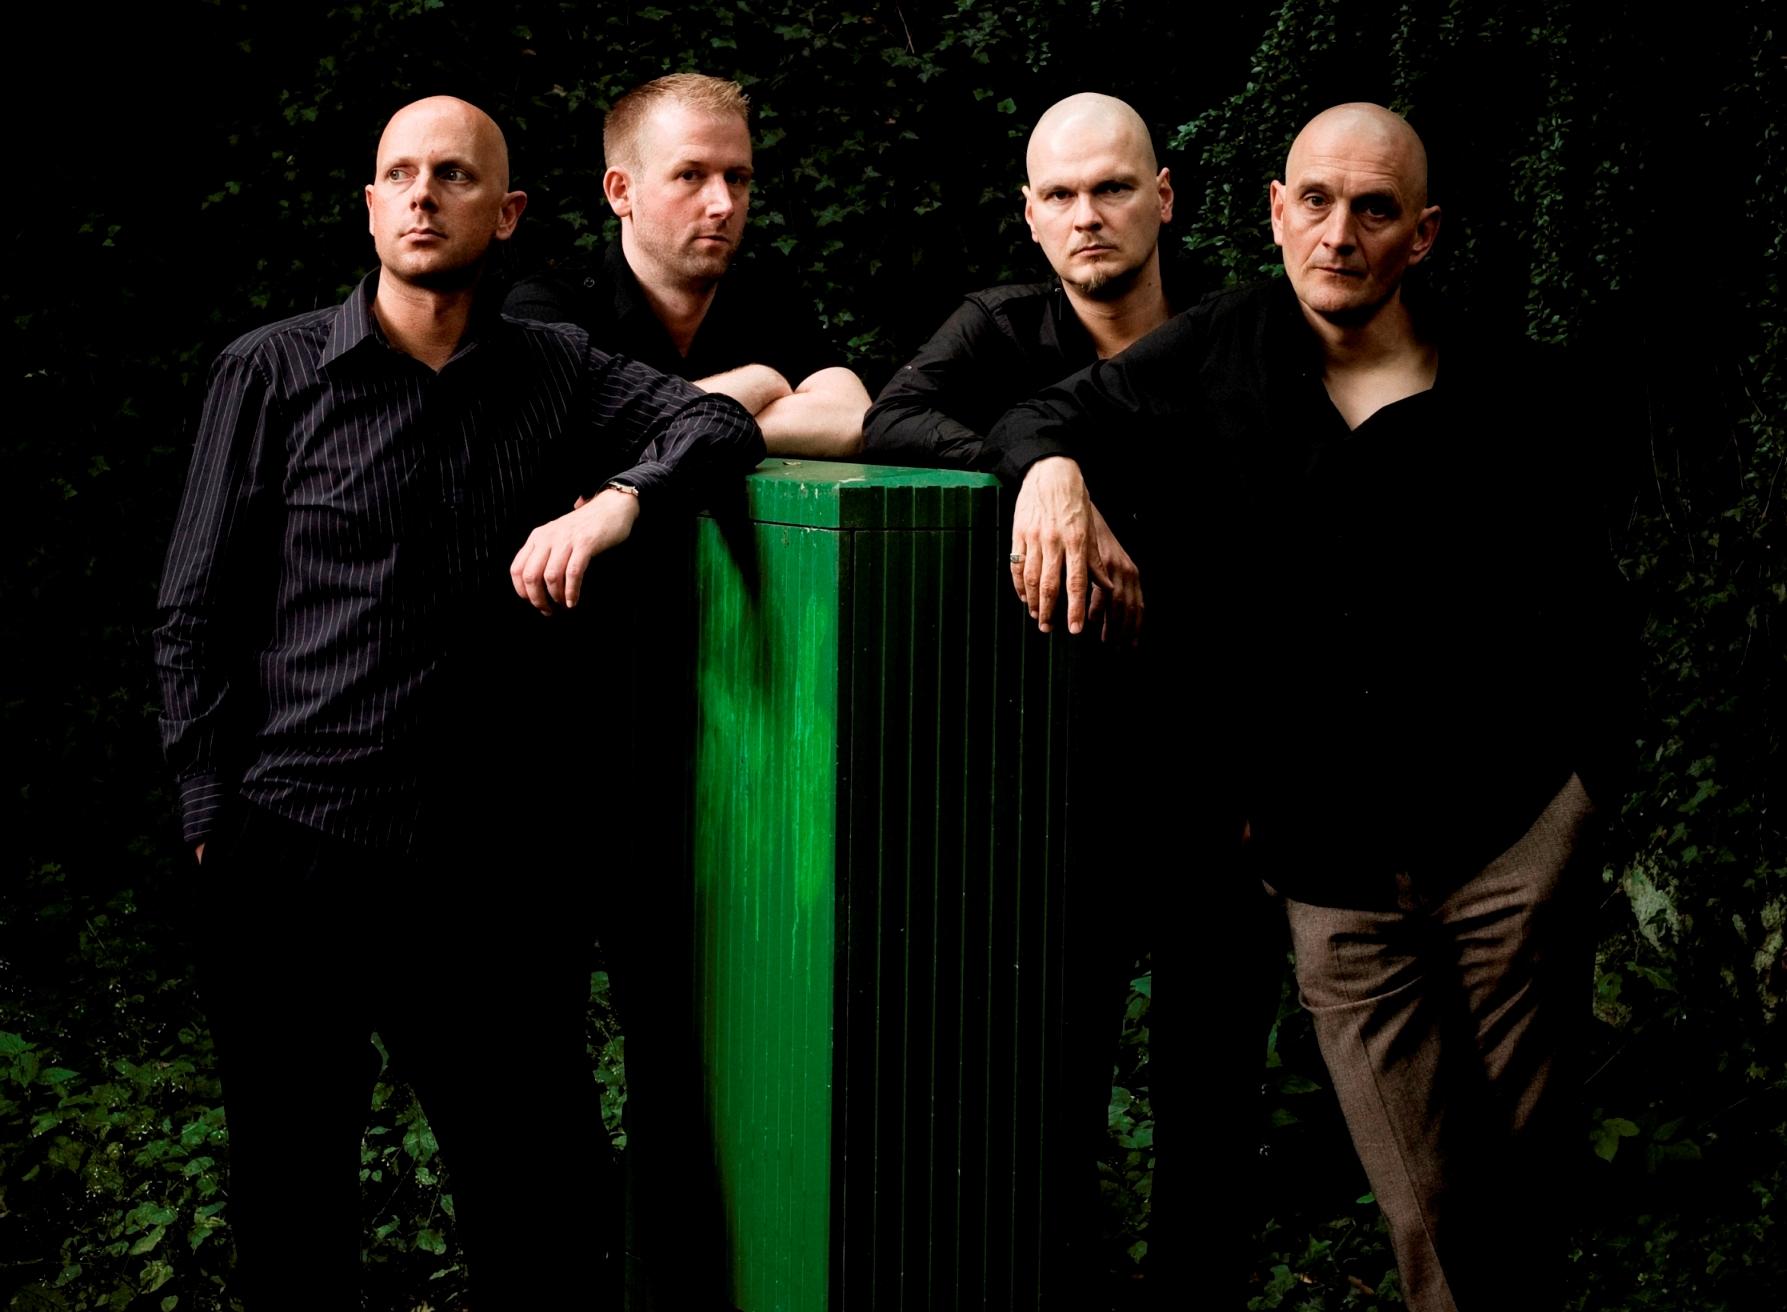 bohren und der club of gore 2008